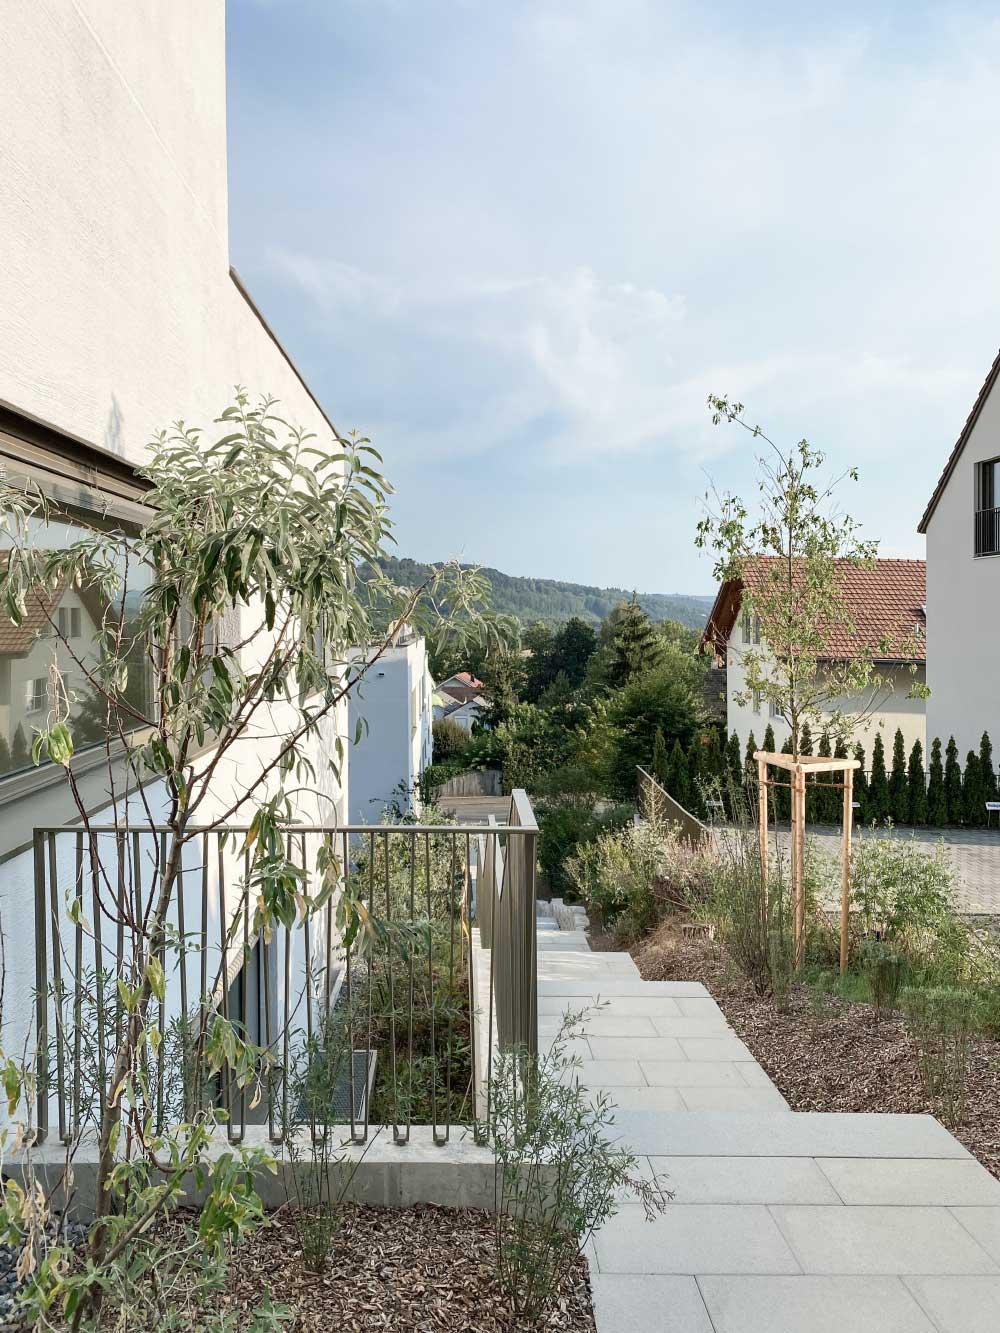 Erlin-6-Hunziker-Architekten-Wohnbau